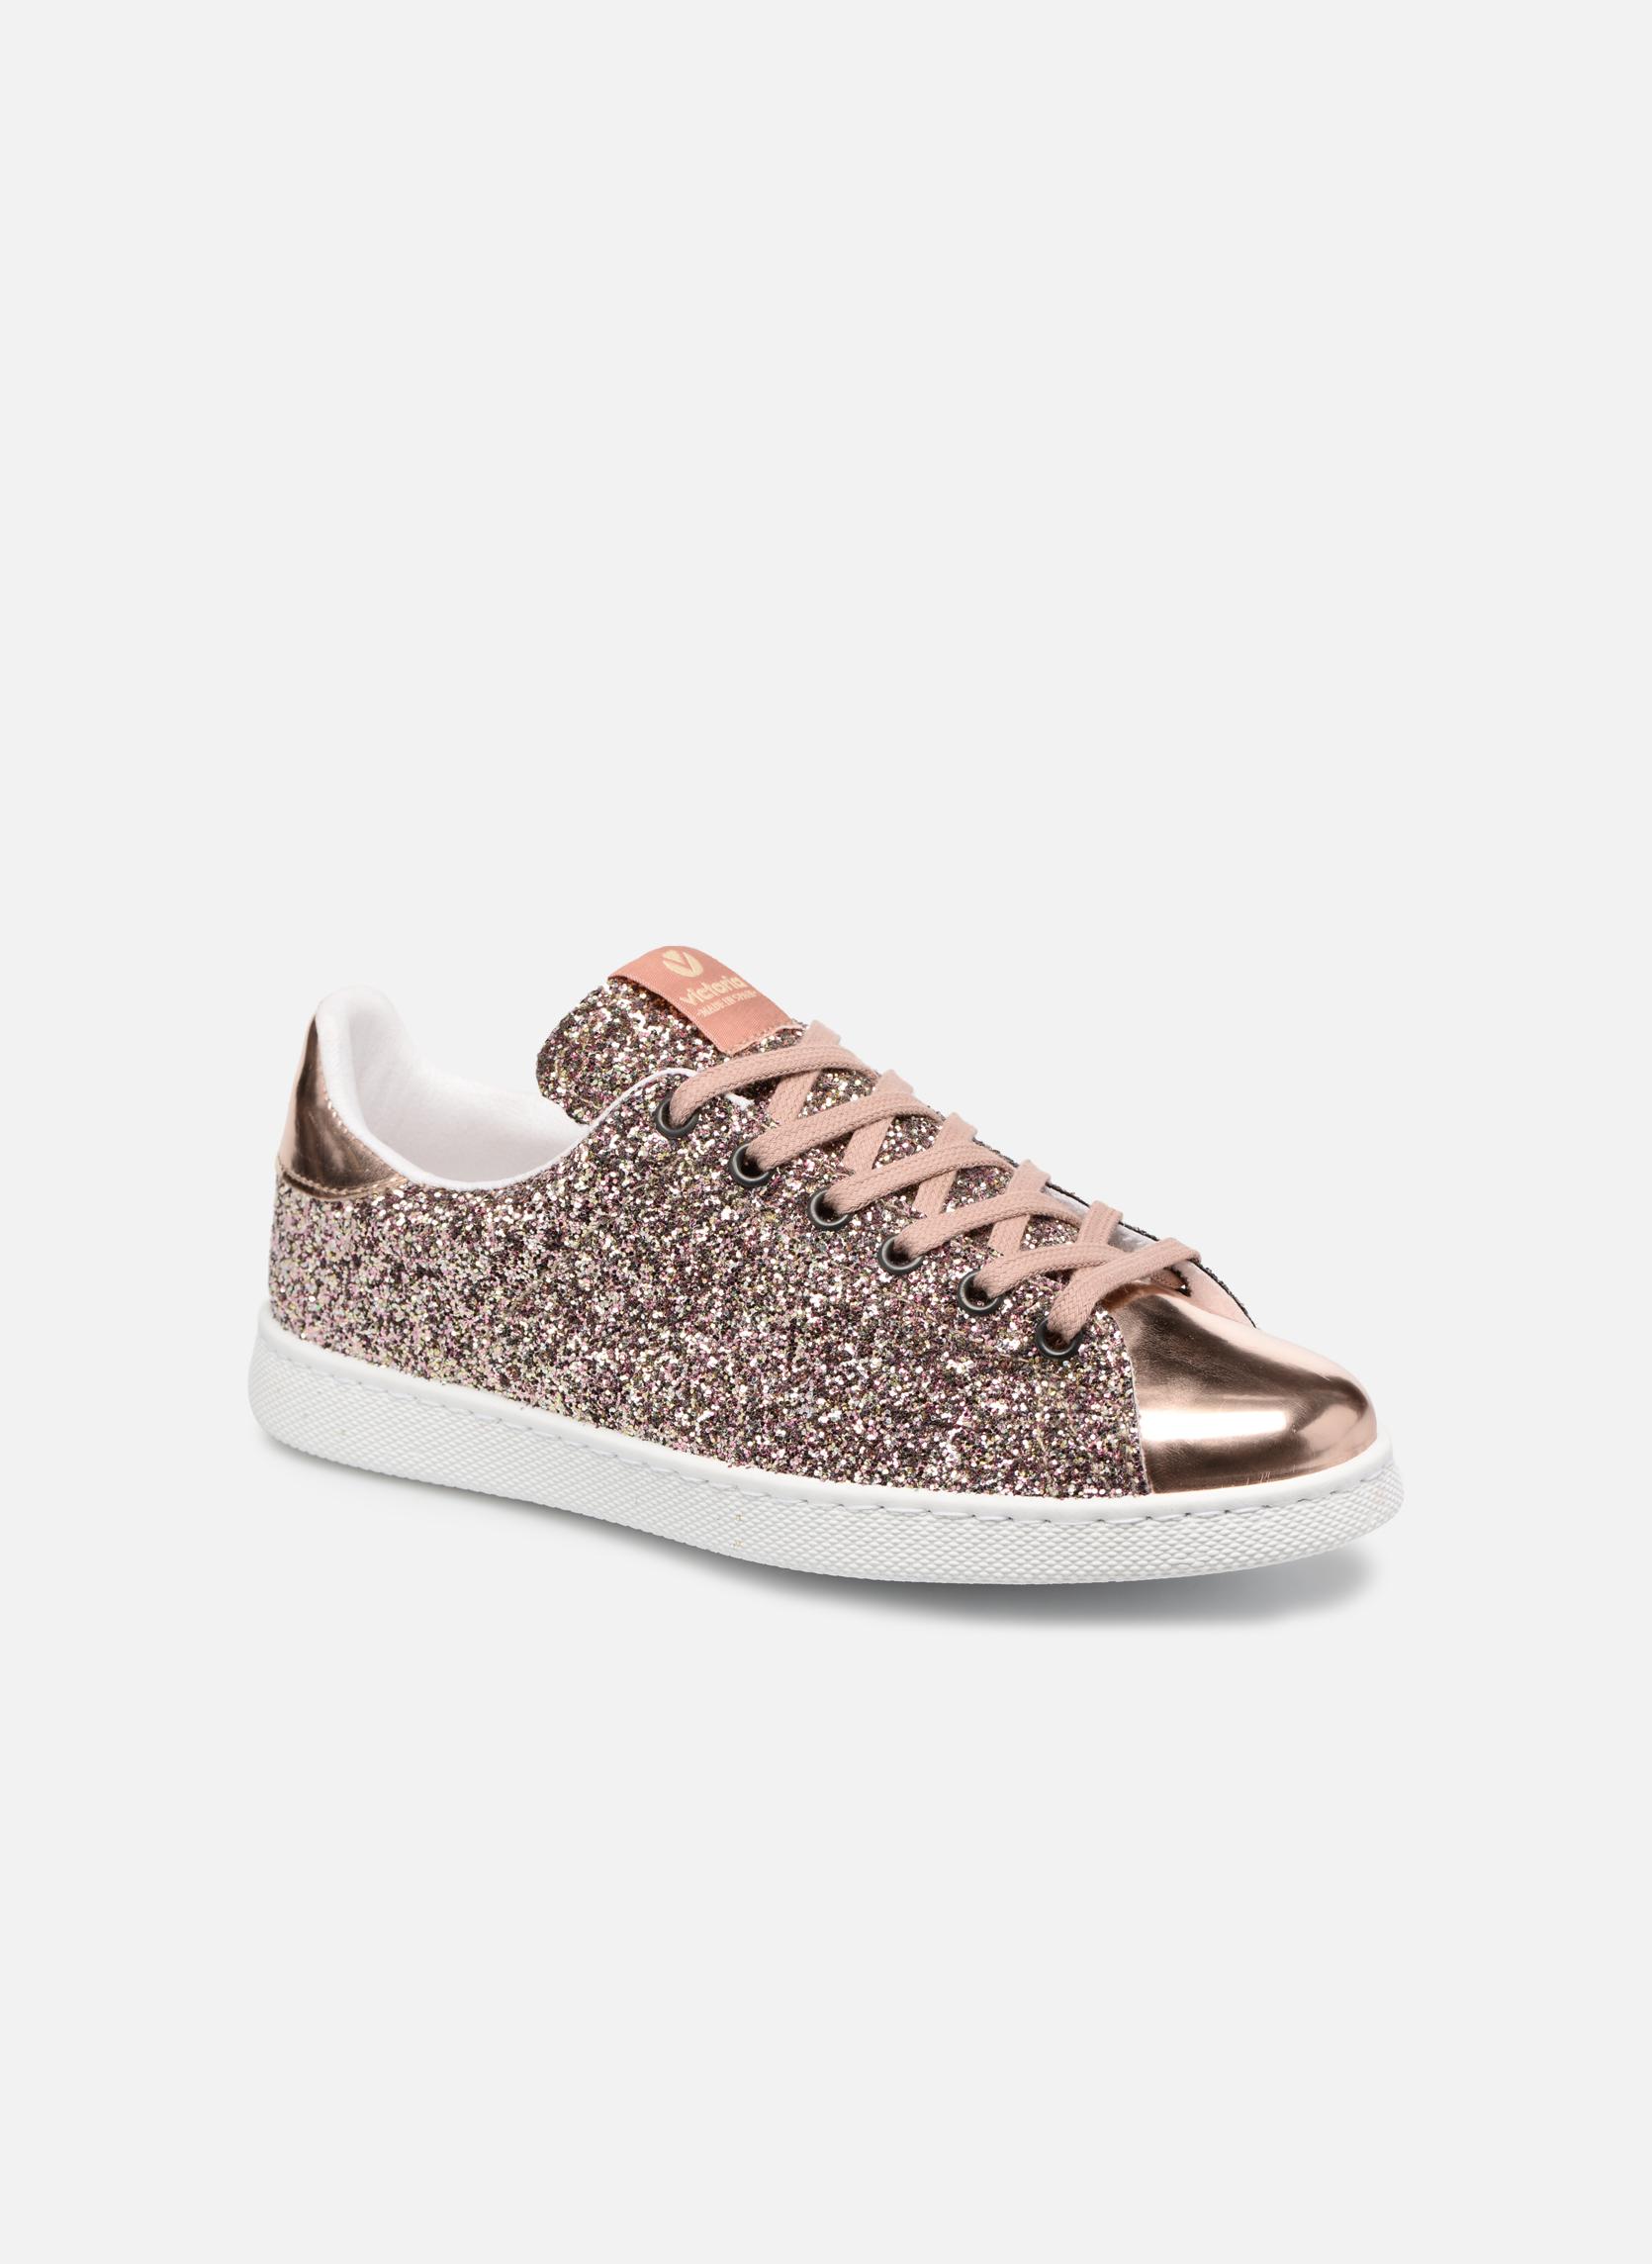 Sneaker Damen Deportivo Plateform Glitter